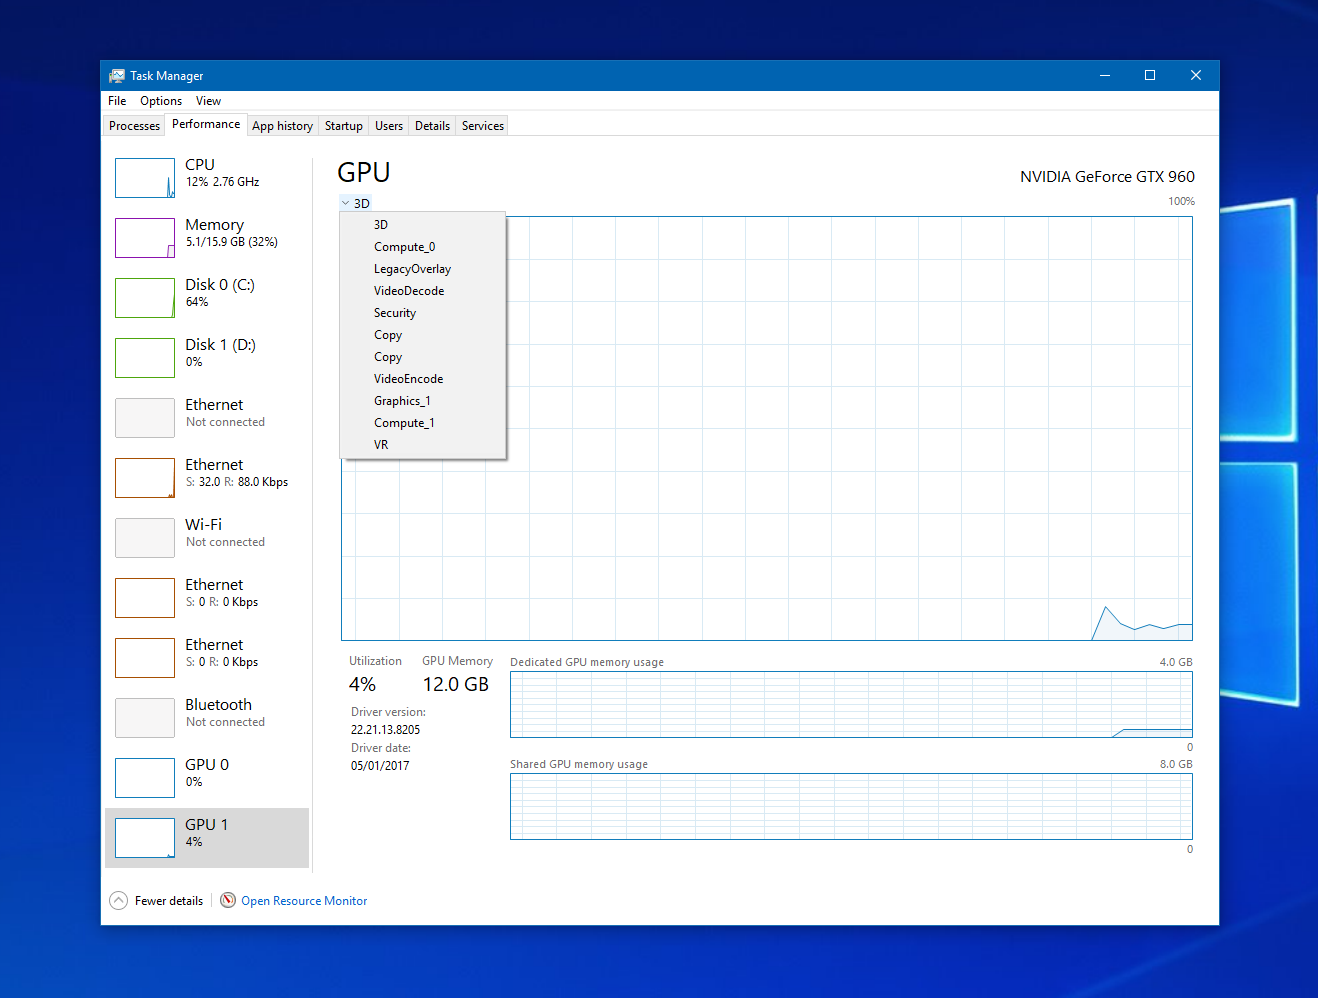 Windows 10 Insider añade la GPU al administrador de tareas | 3G Móvil